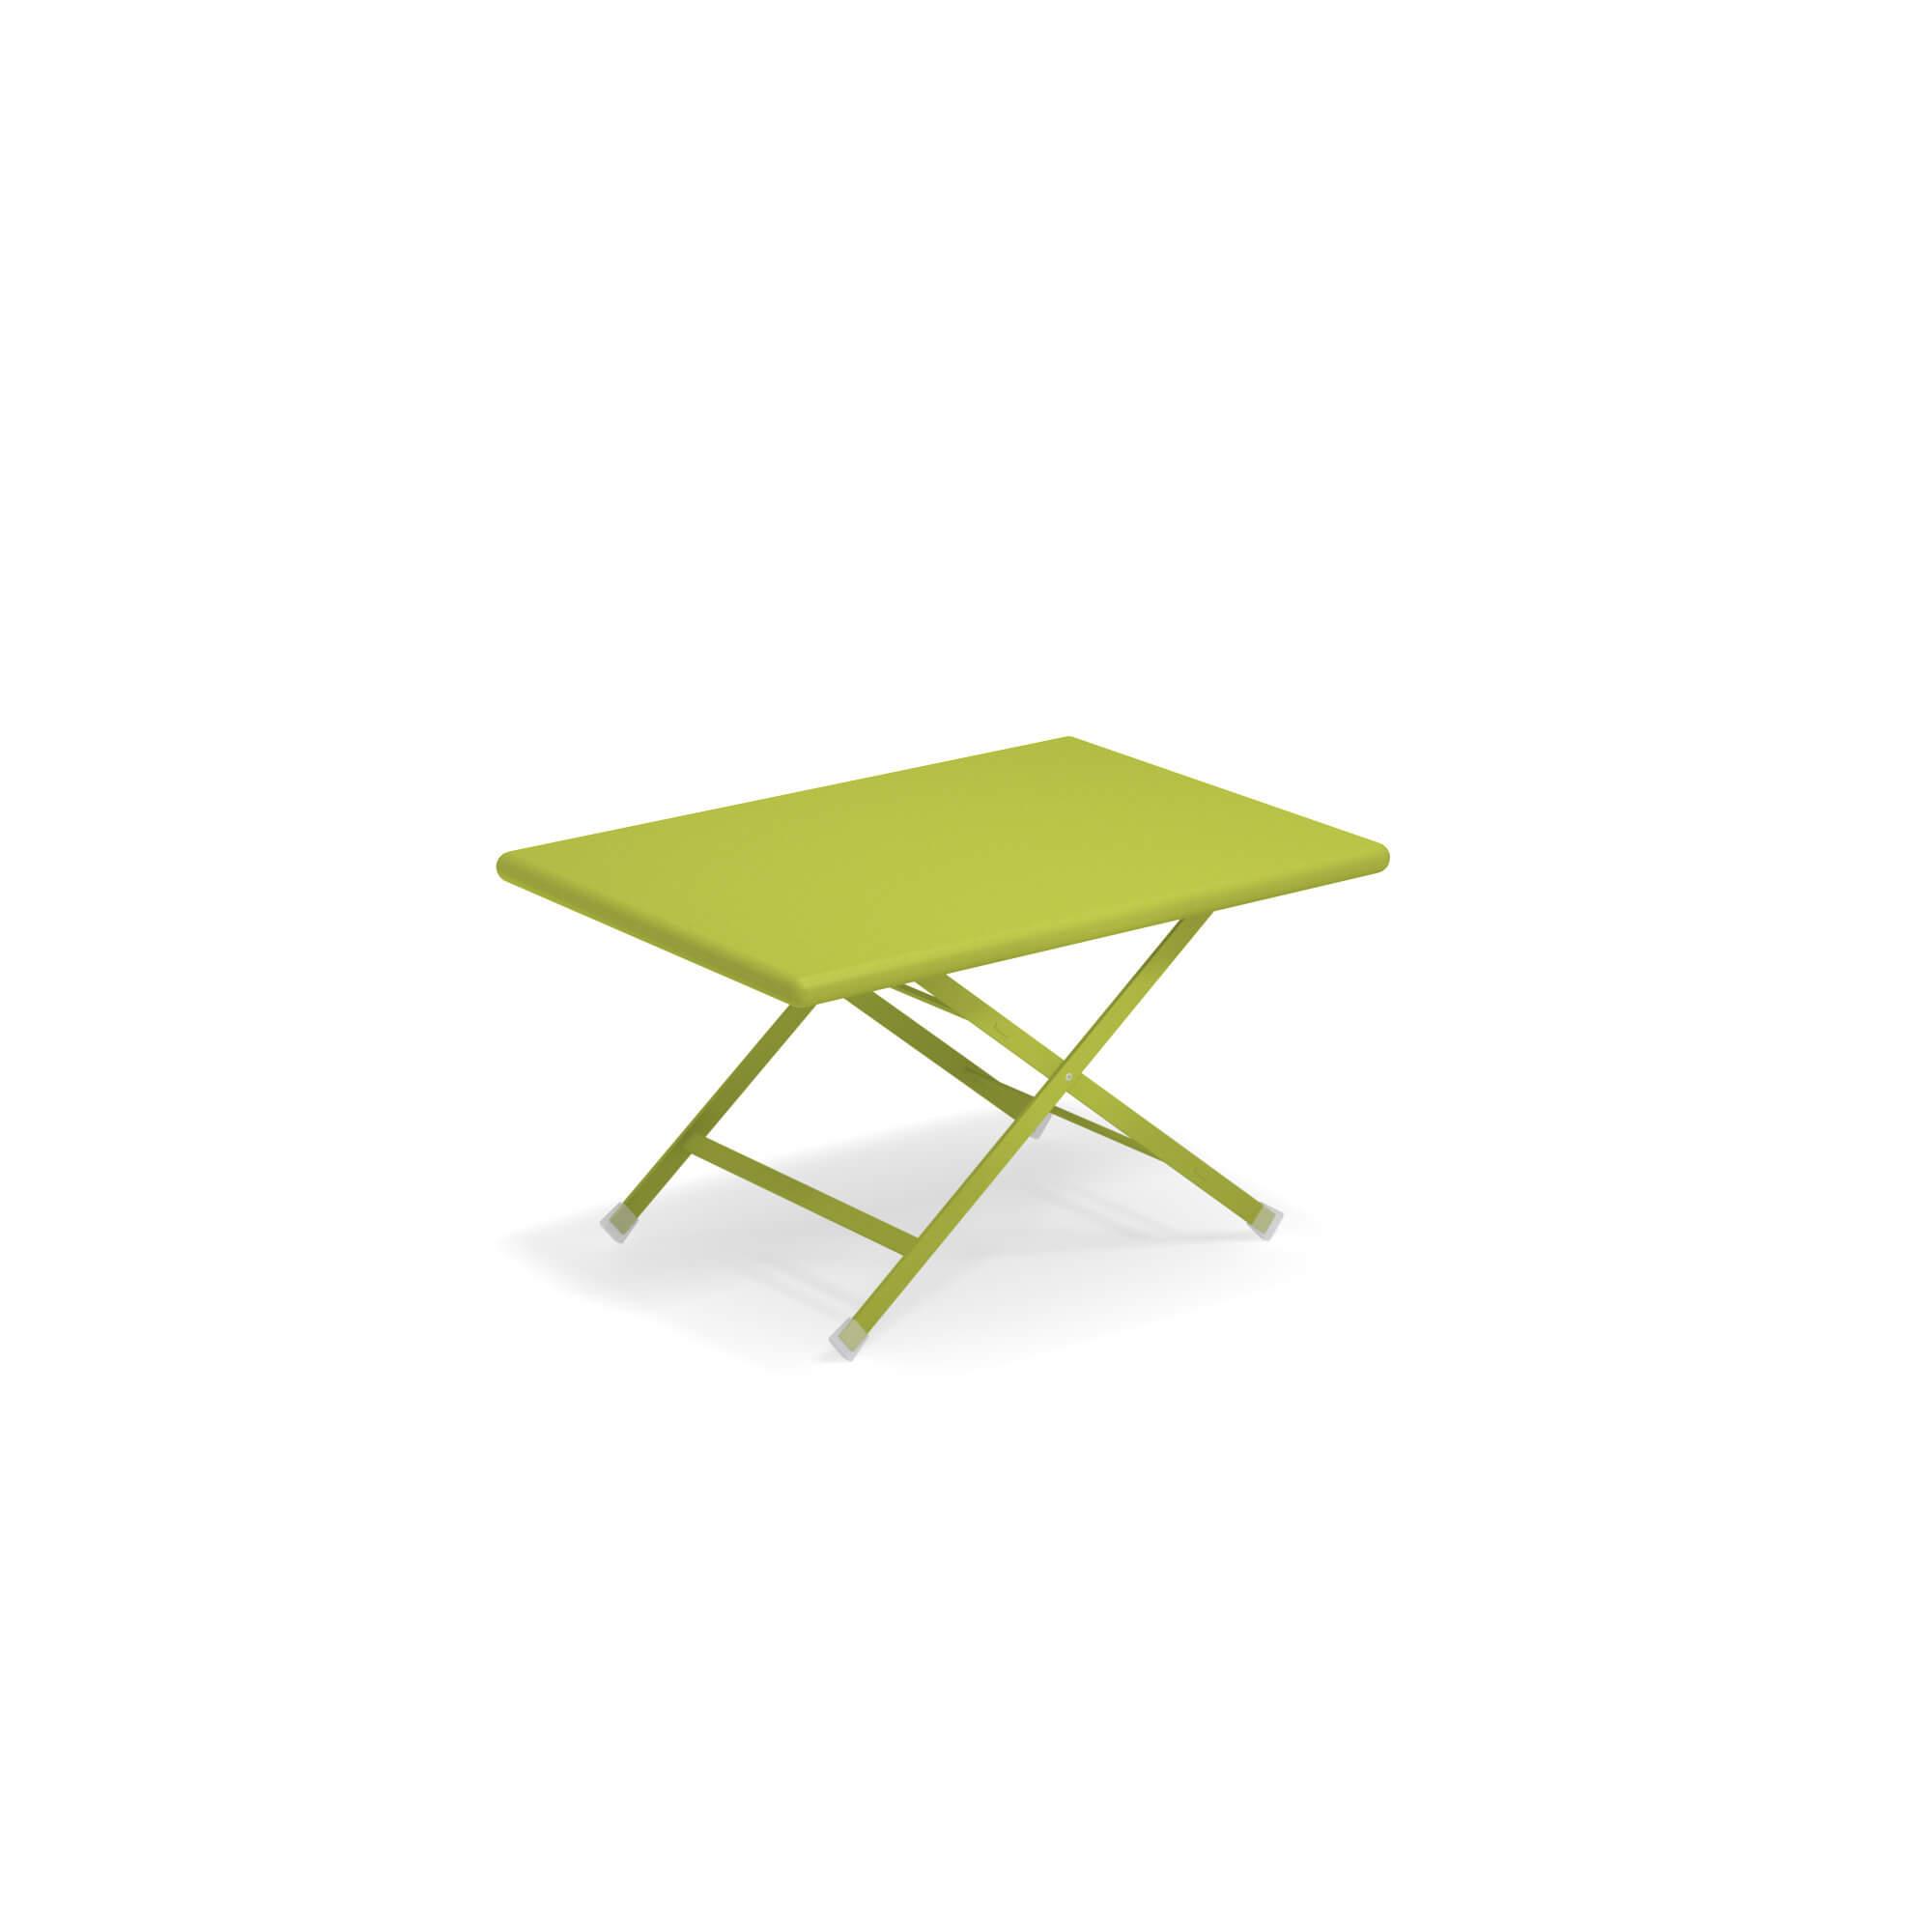 Tavolino Basso Da Giardino.Tavolo Basso Pieghevole 50x70